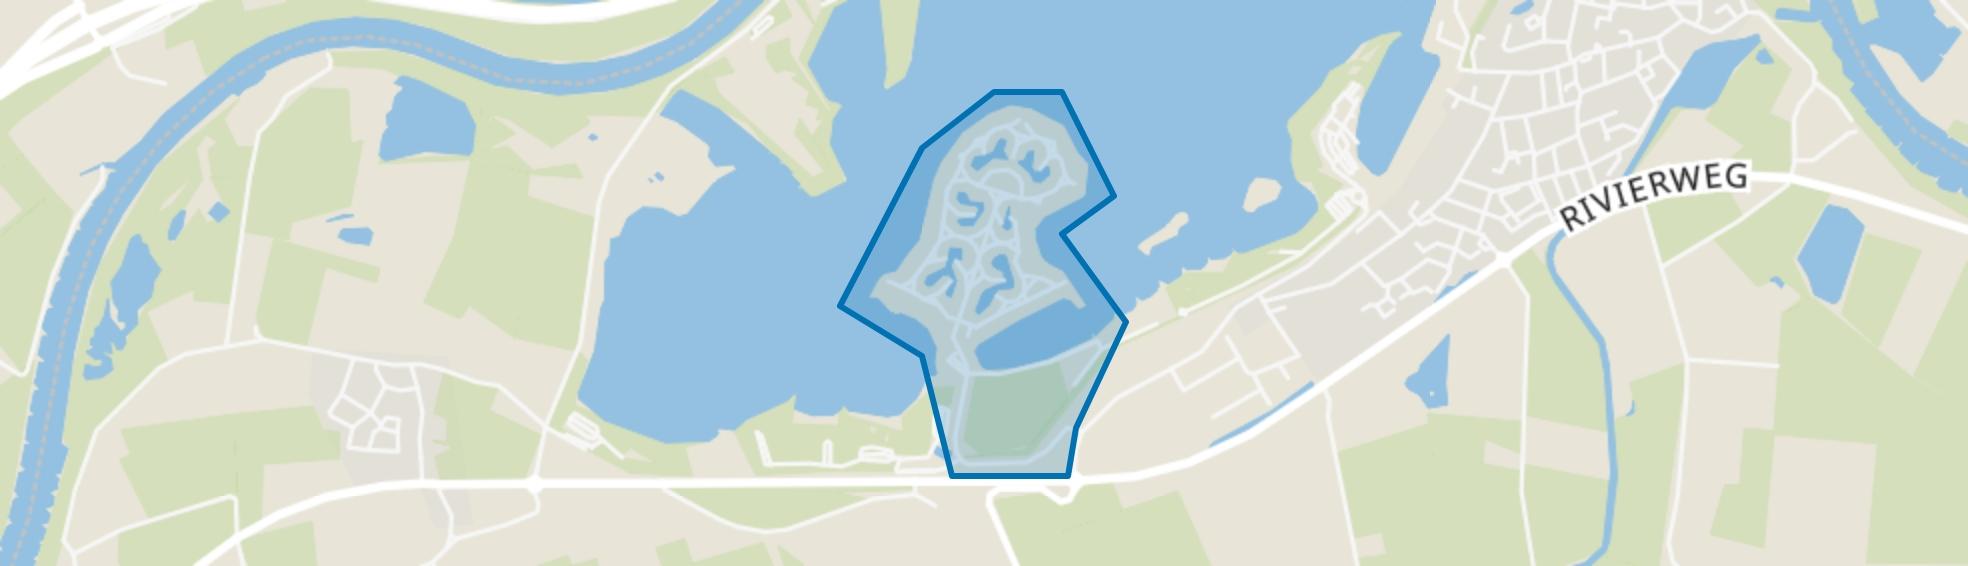 Riverparc, Lathum map